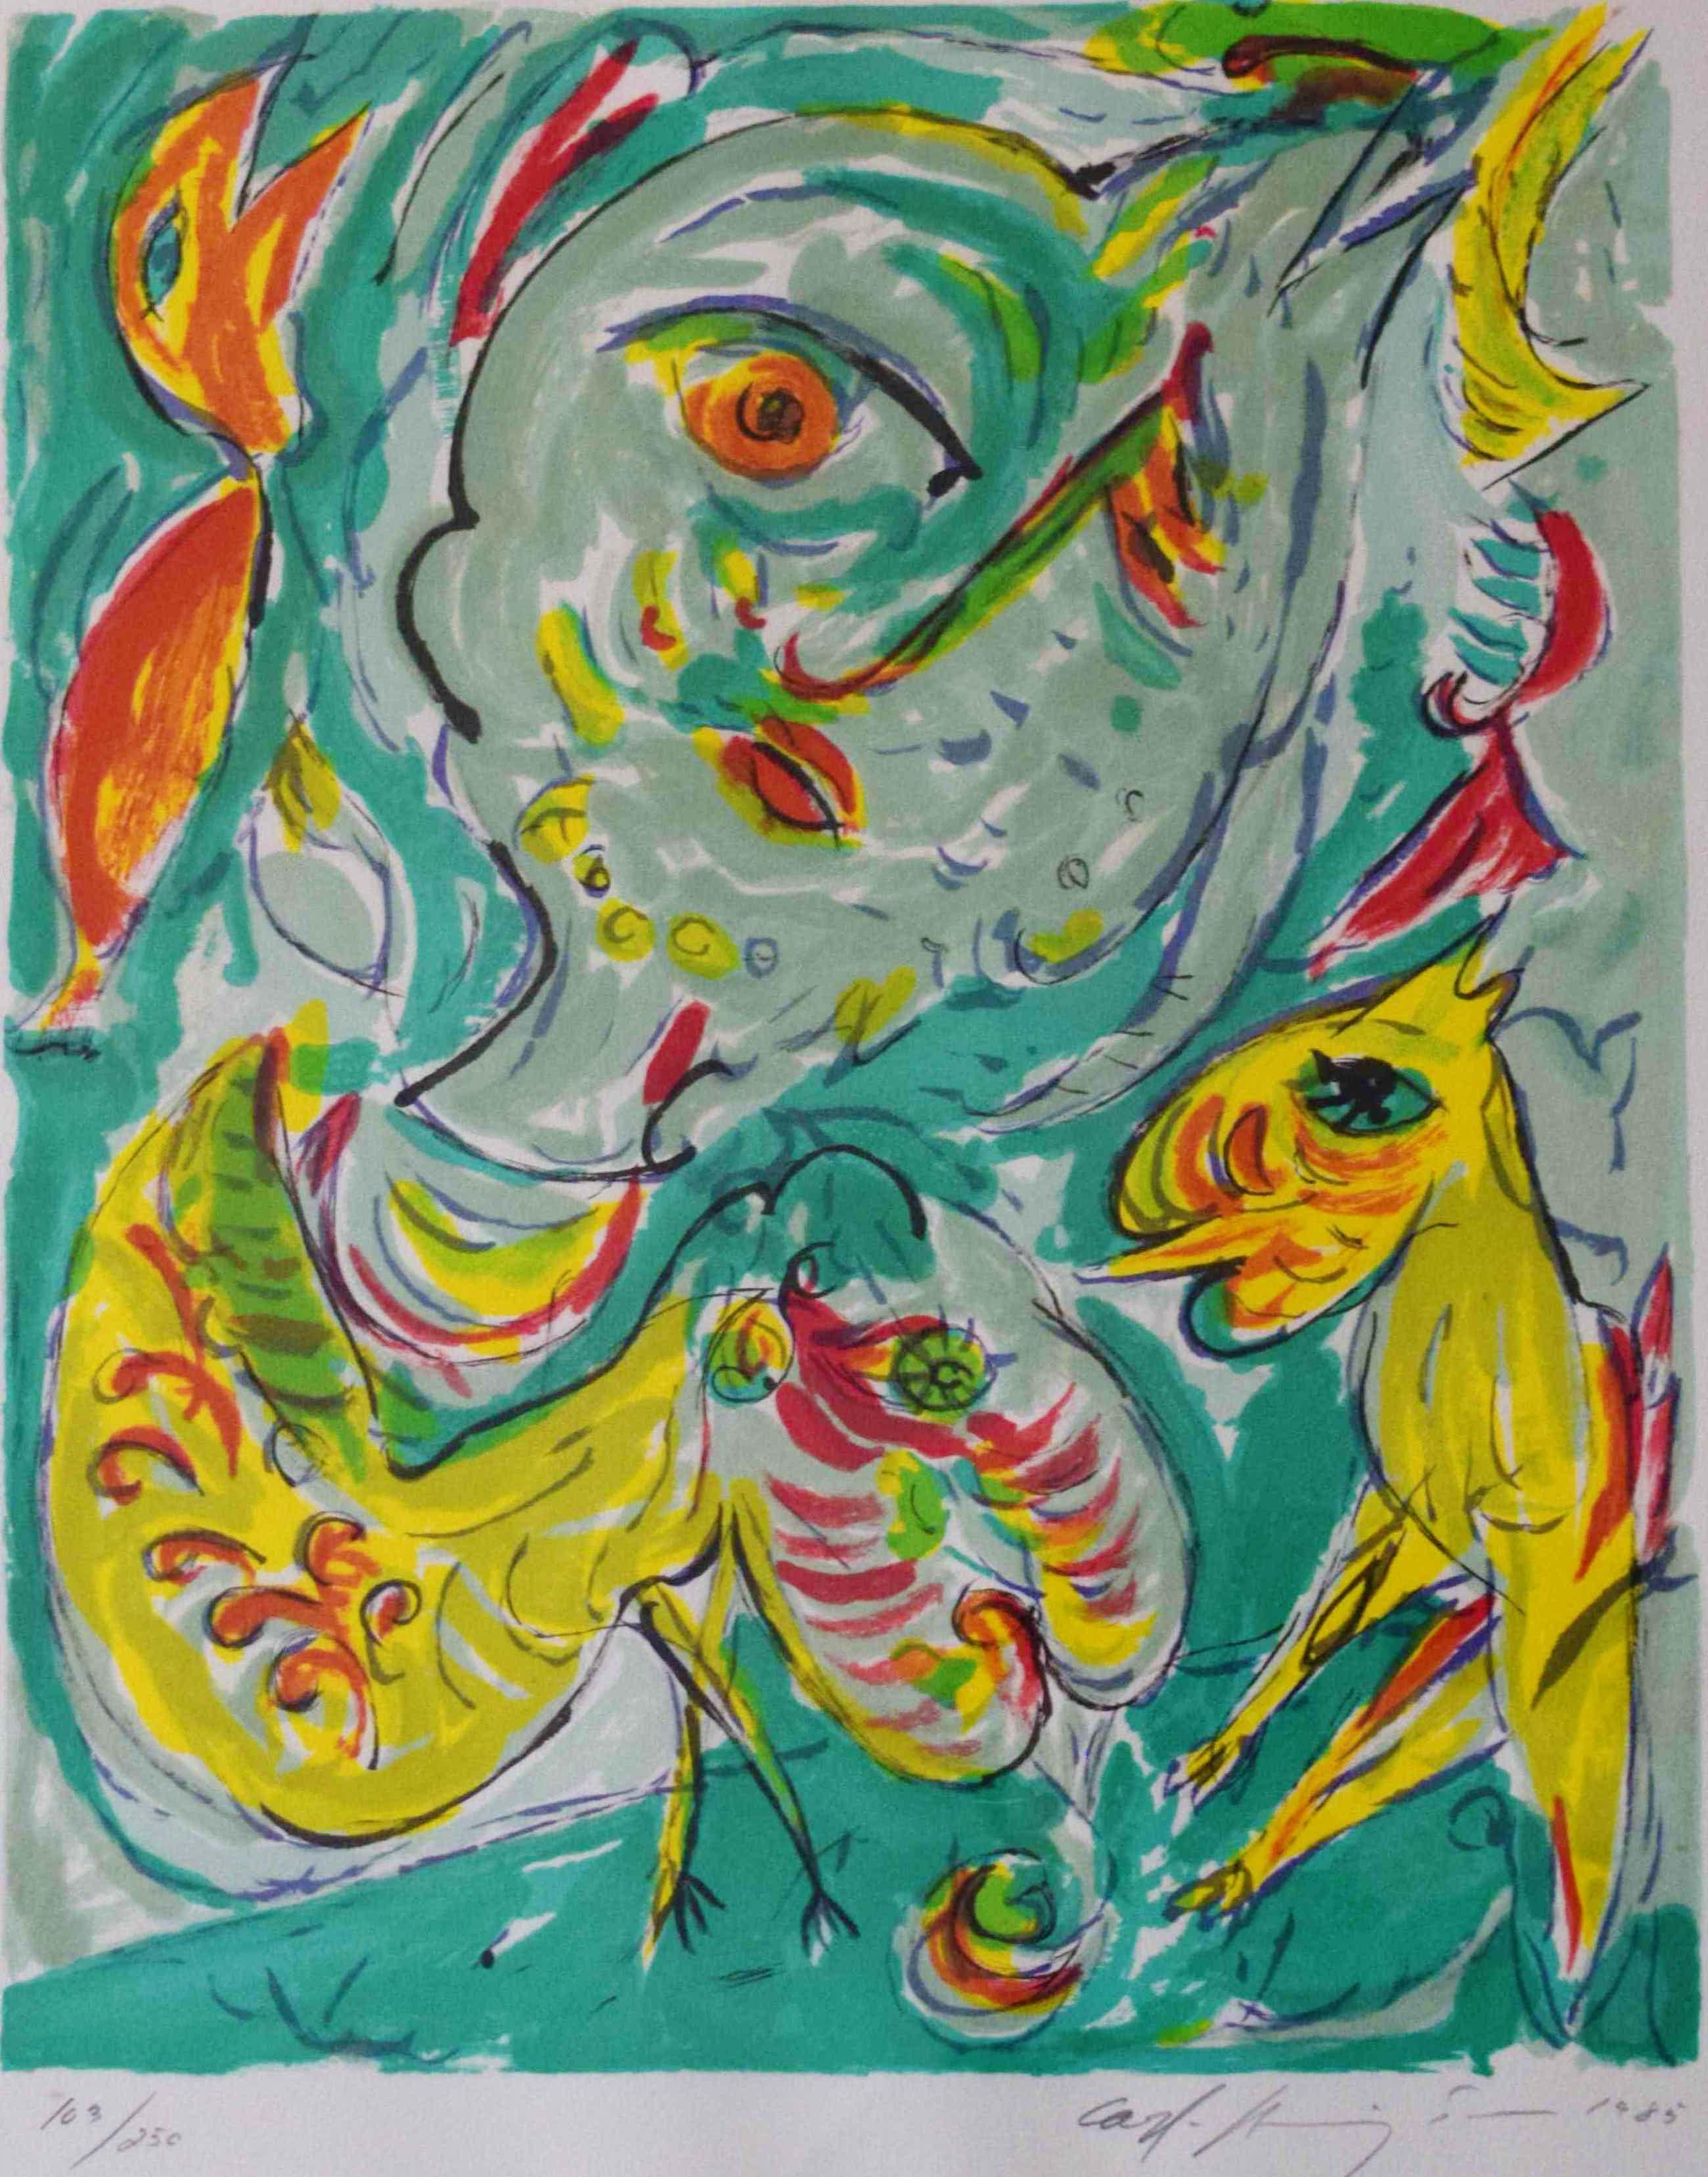 Carl-Henning Pedersen - Litho - Compositie met figuren 3 - 1985 kopen? Bied vanaf 350!